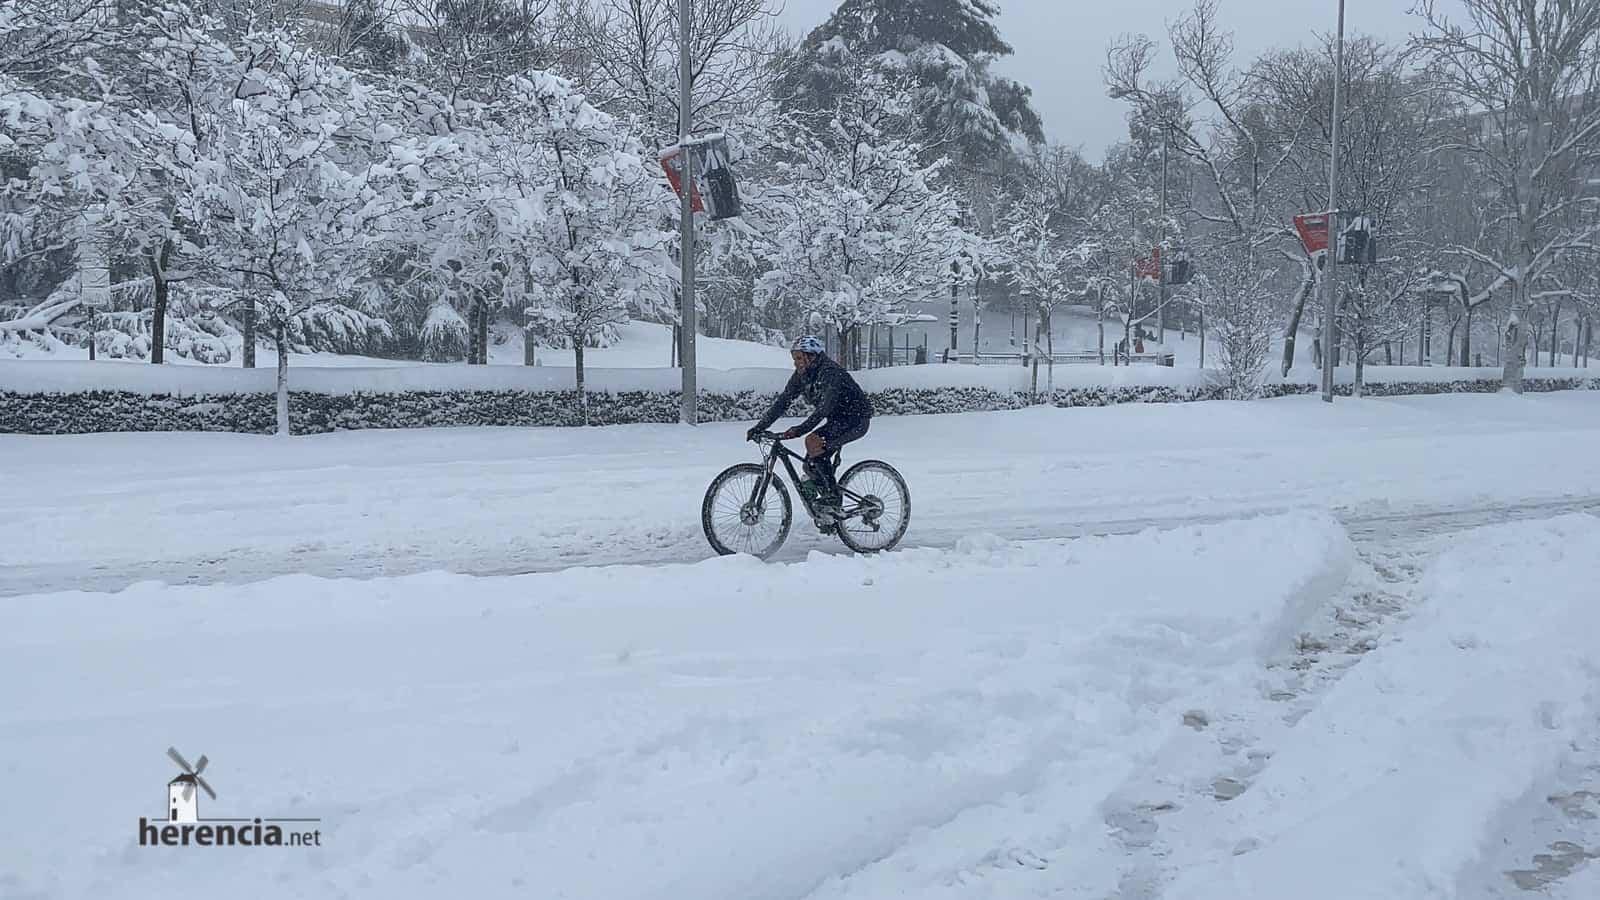 Más fotografías de las nieves de 2021 en Herencia 155